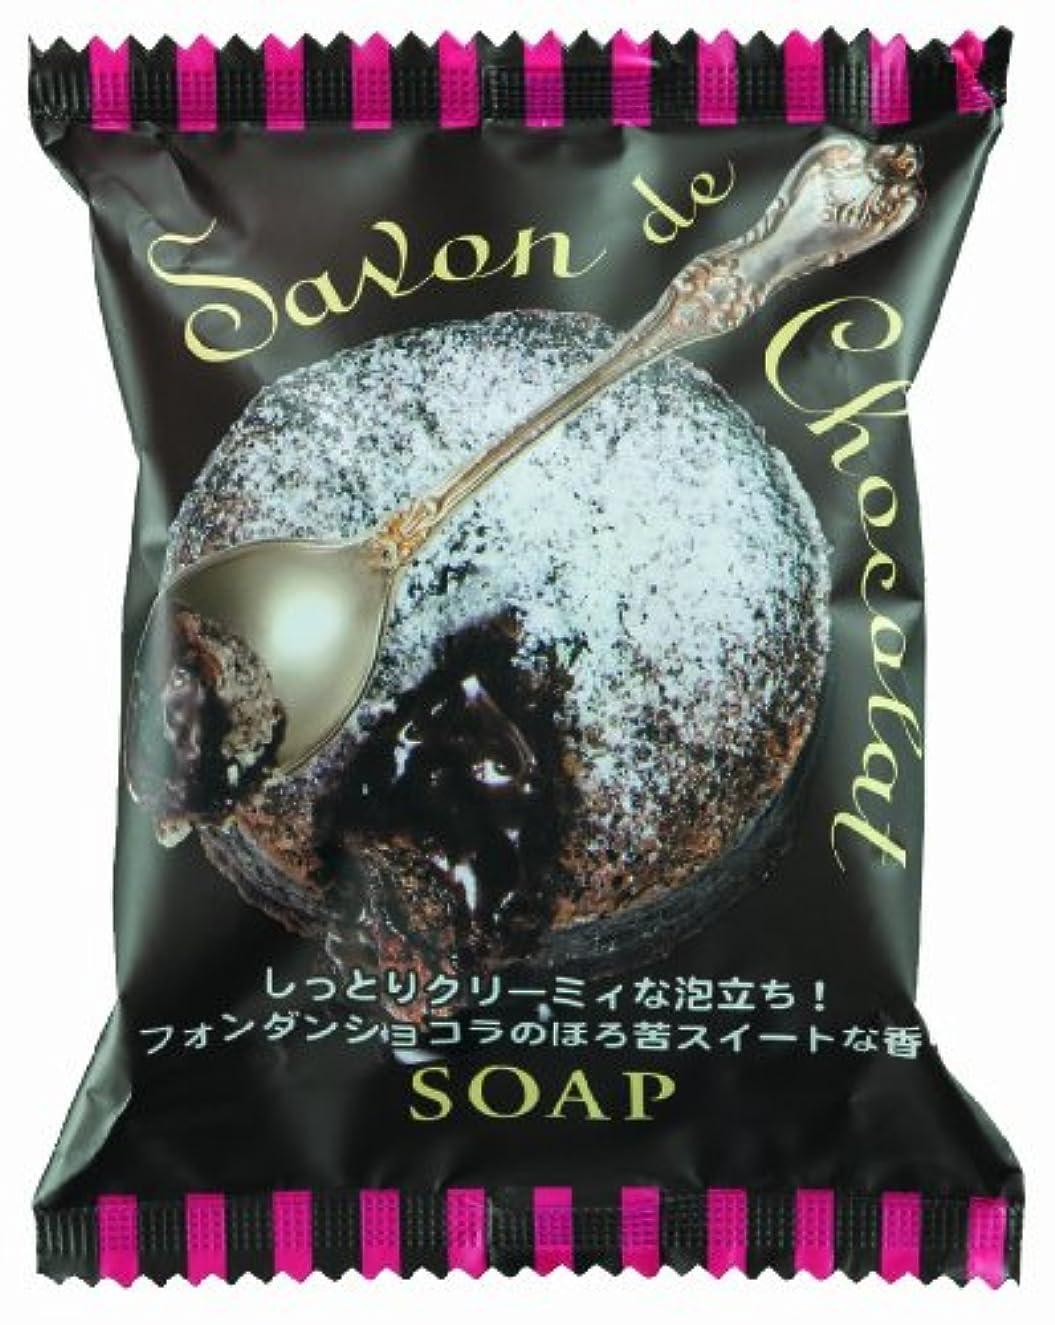 歴史的遠洋の小道具ペリカン石鹸 サボンドショコラソープ 80g